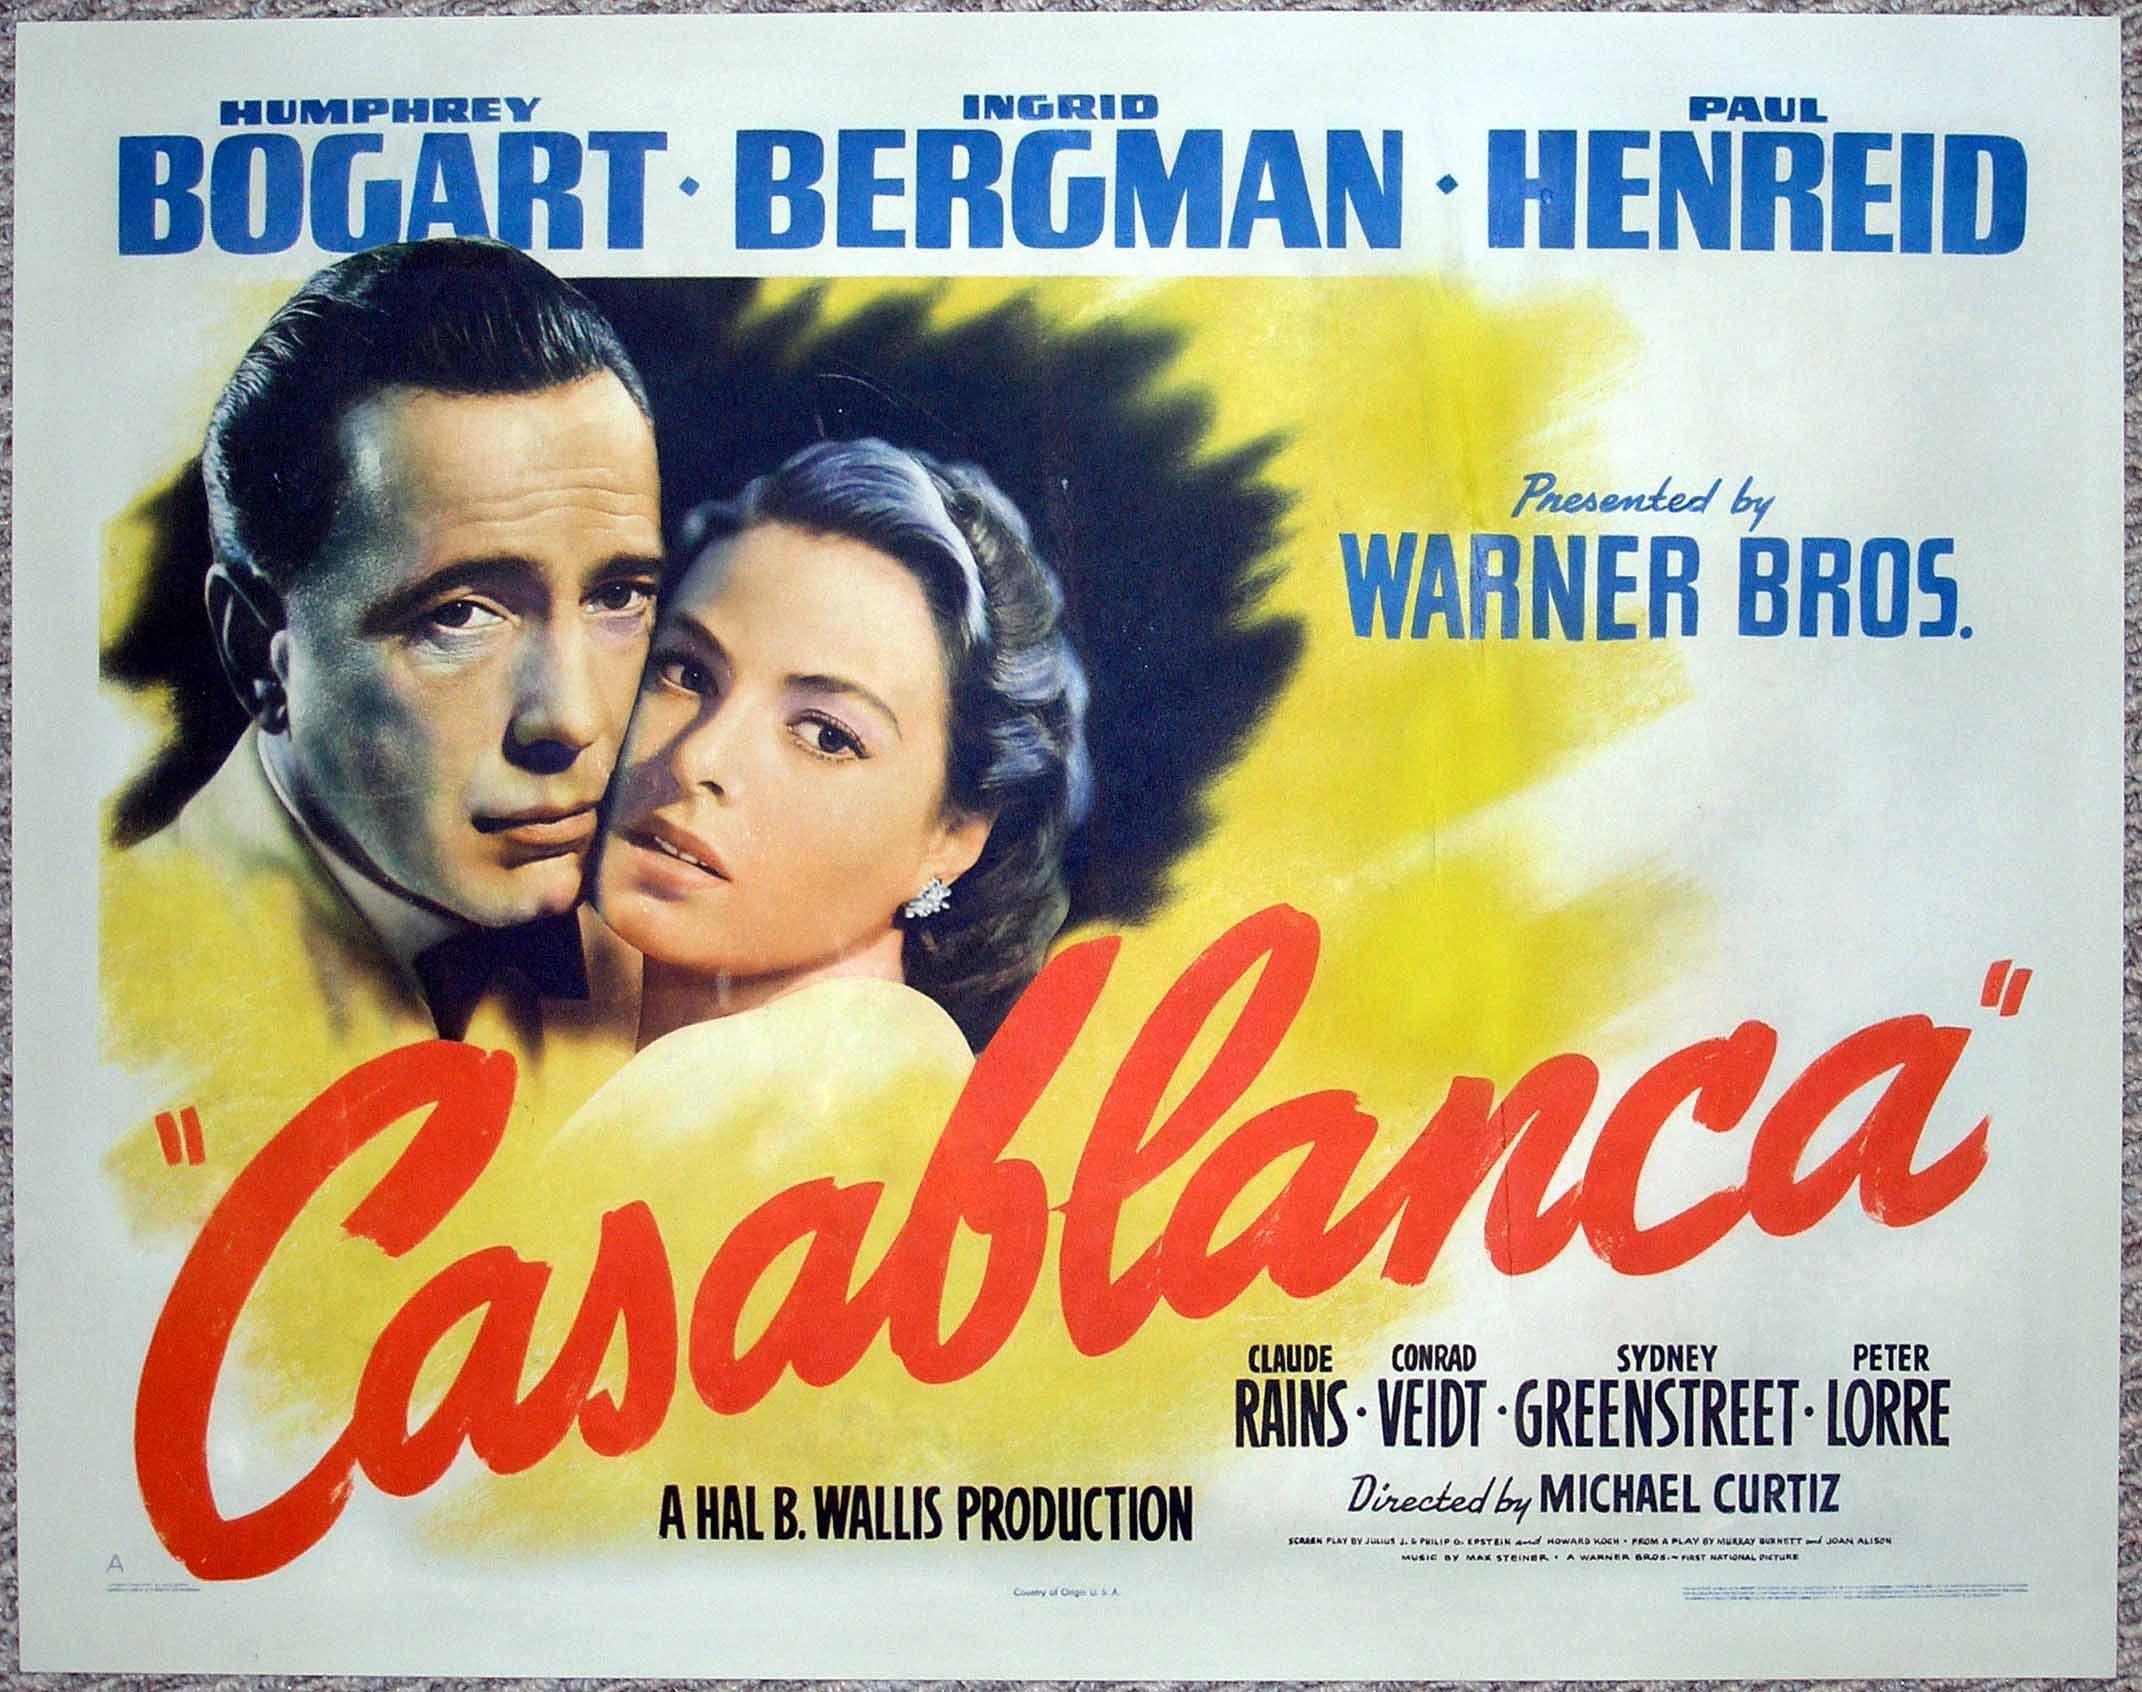 Caddyshack & Casablanca Movie Posters @ CineMasterpieces